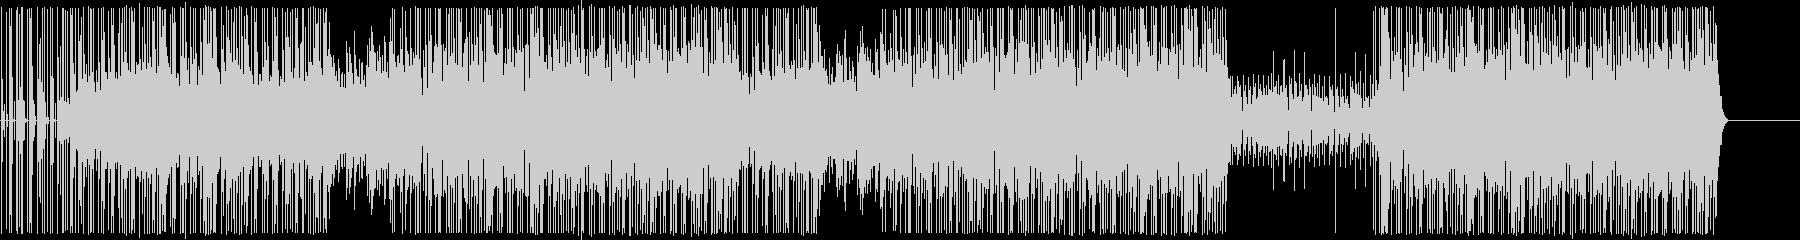 ピアノヒップホップ/ダーク/ビート/#2の未再生の波形